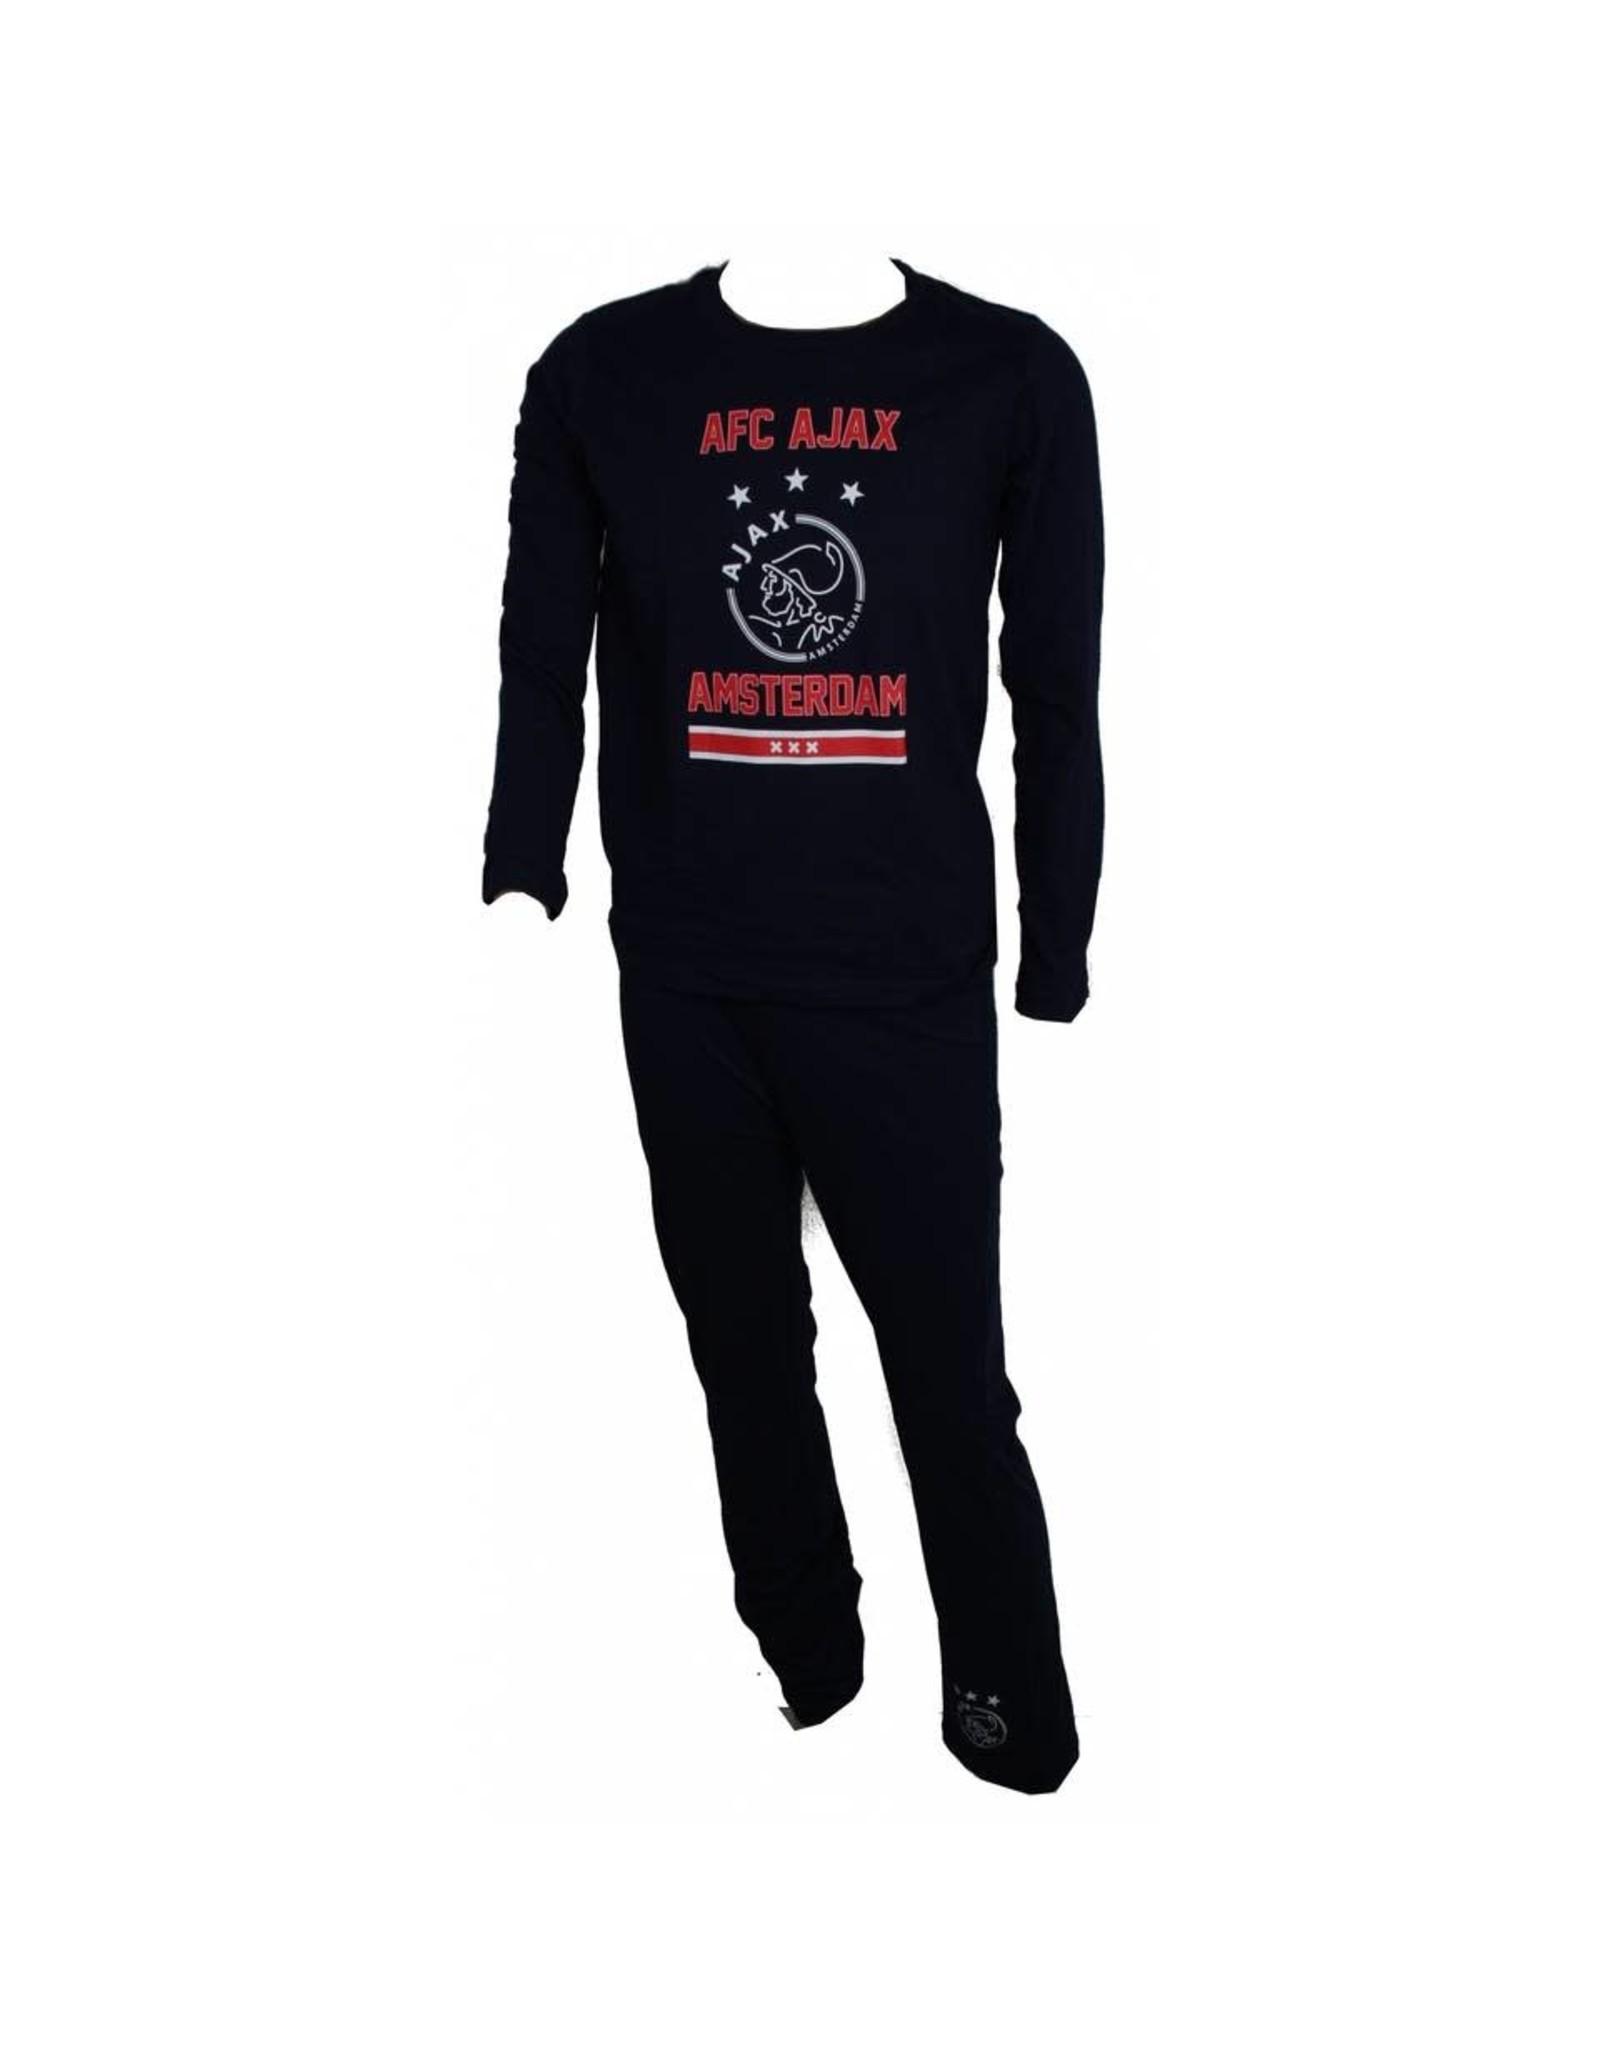 AJAX AJAX Pyjama  BLAUW 128